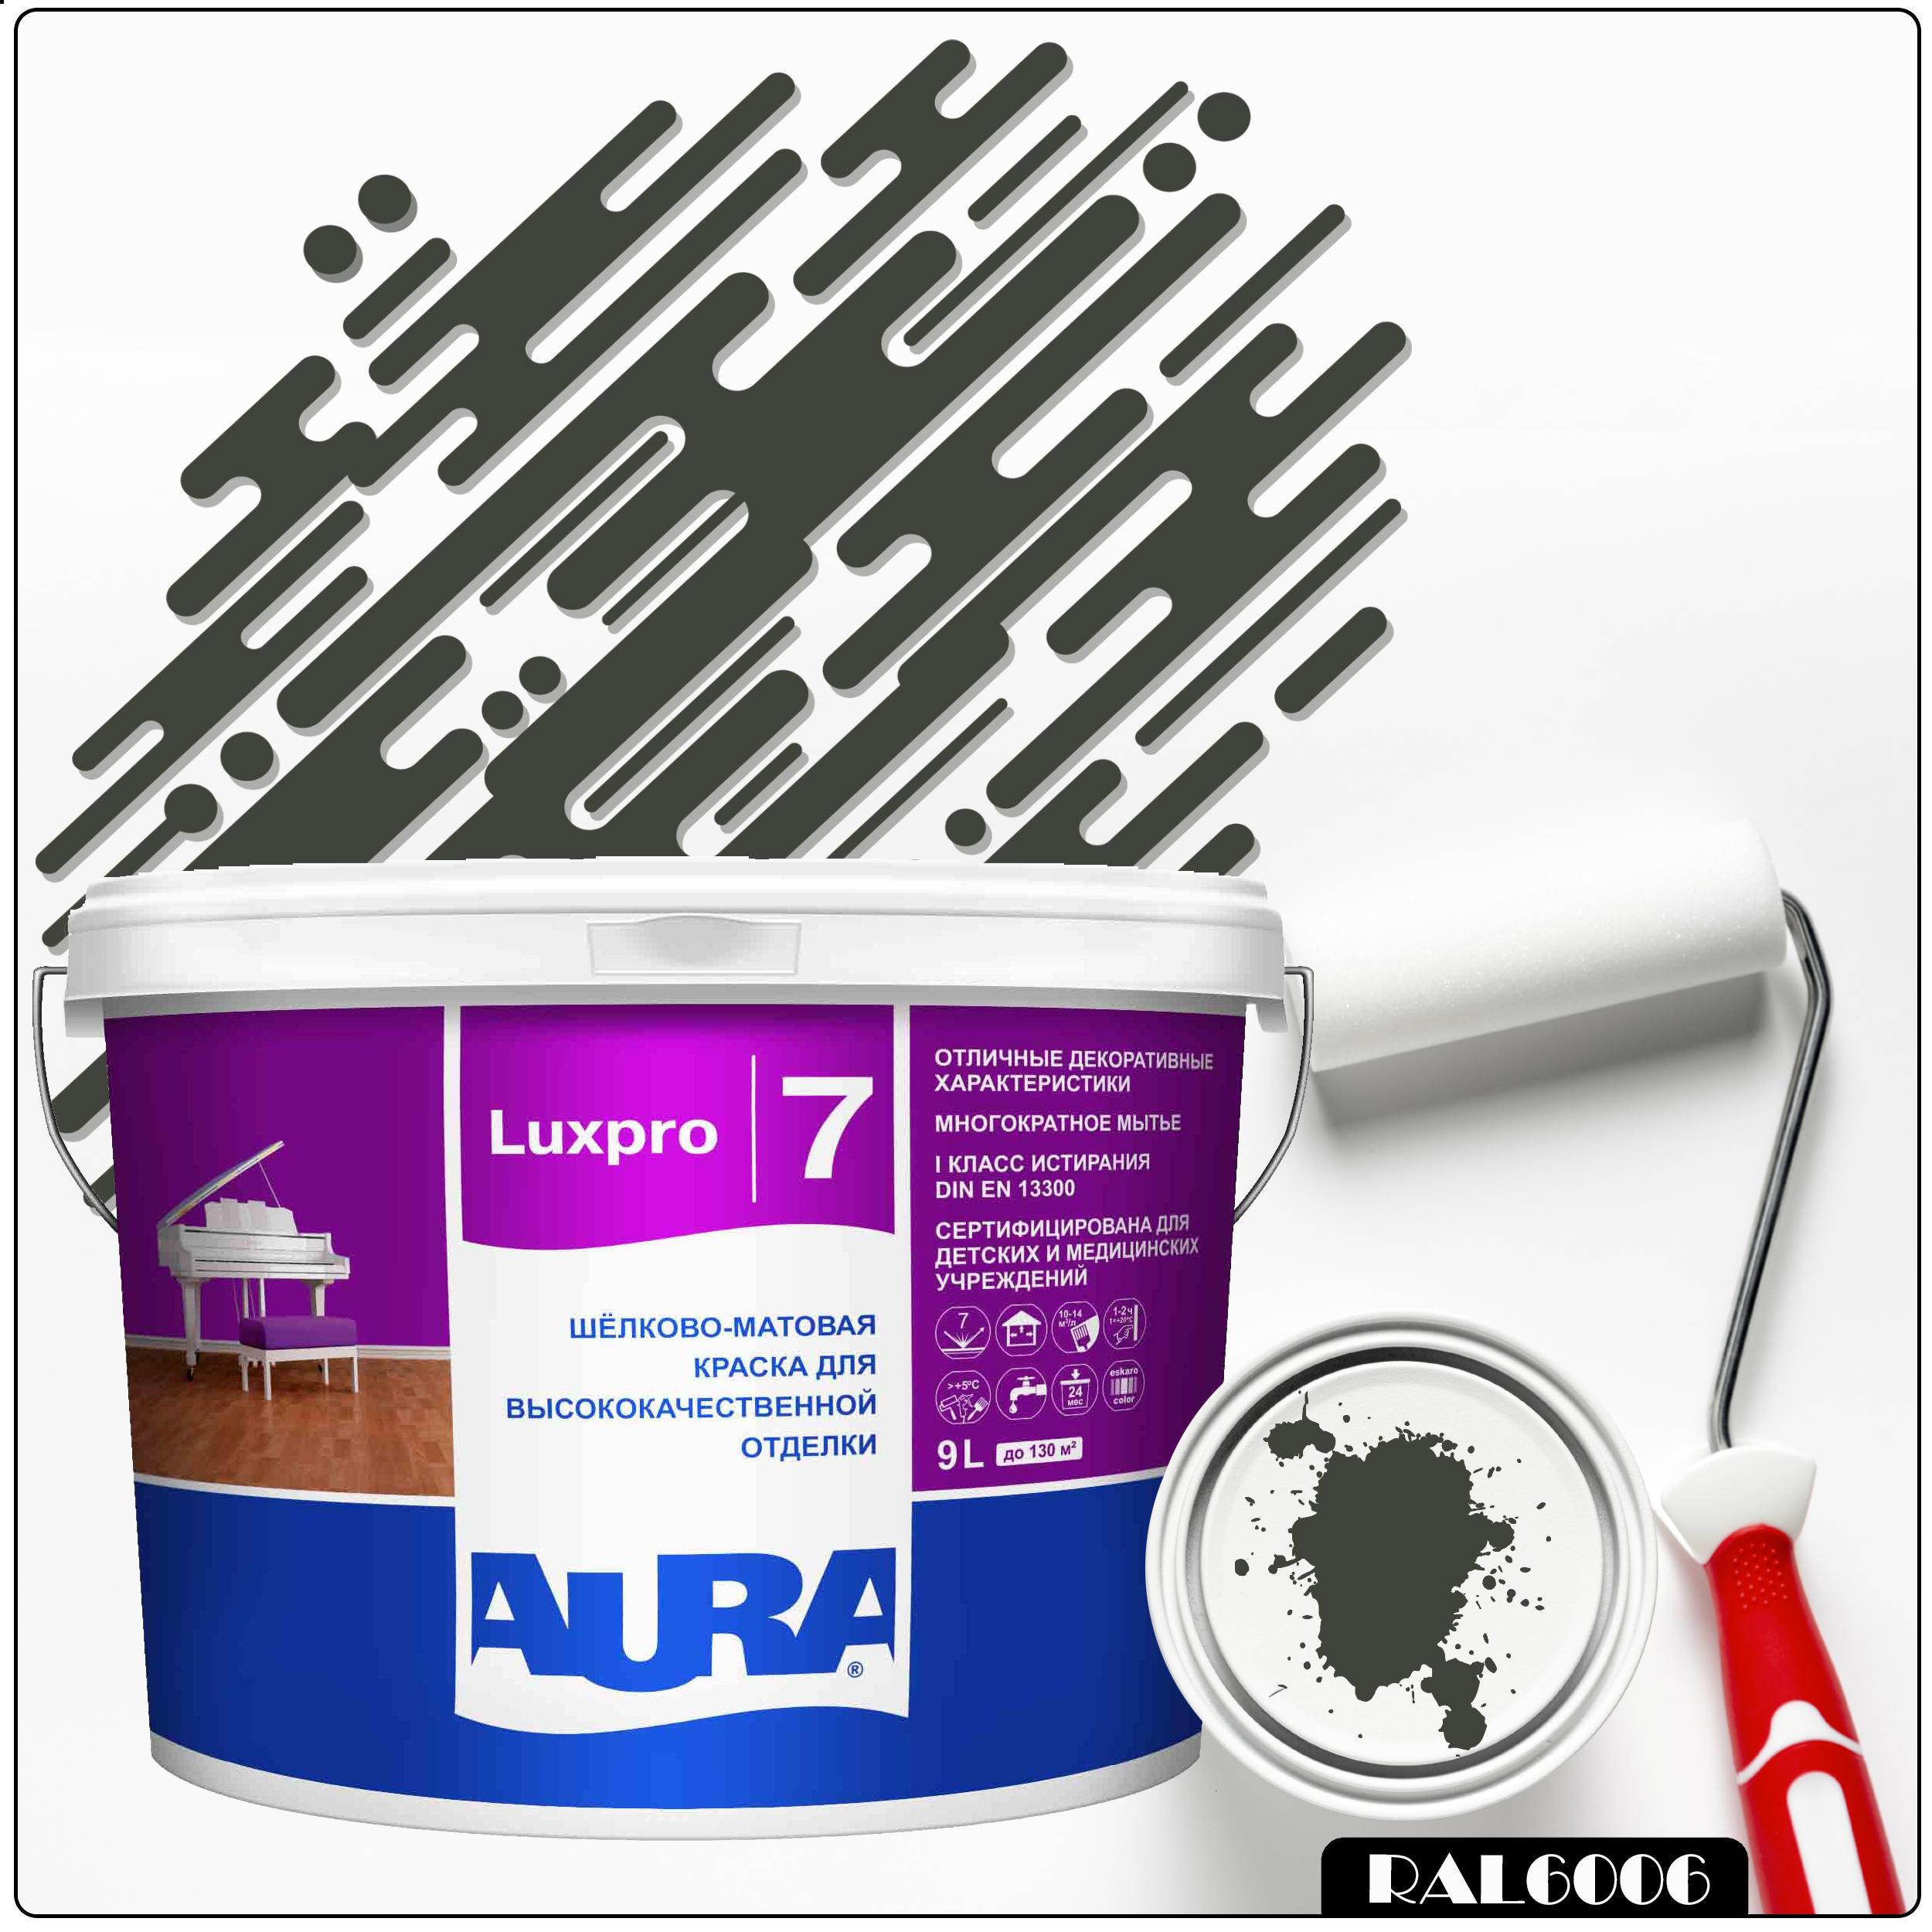 Фото 7 - Краска Aura LuxPRO 7, RAL 6006 Серо-оливковый, латексная, шелково-матовая, интерьерная, 9л, Аура.